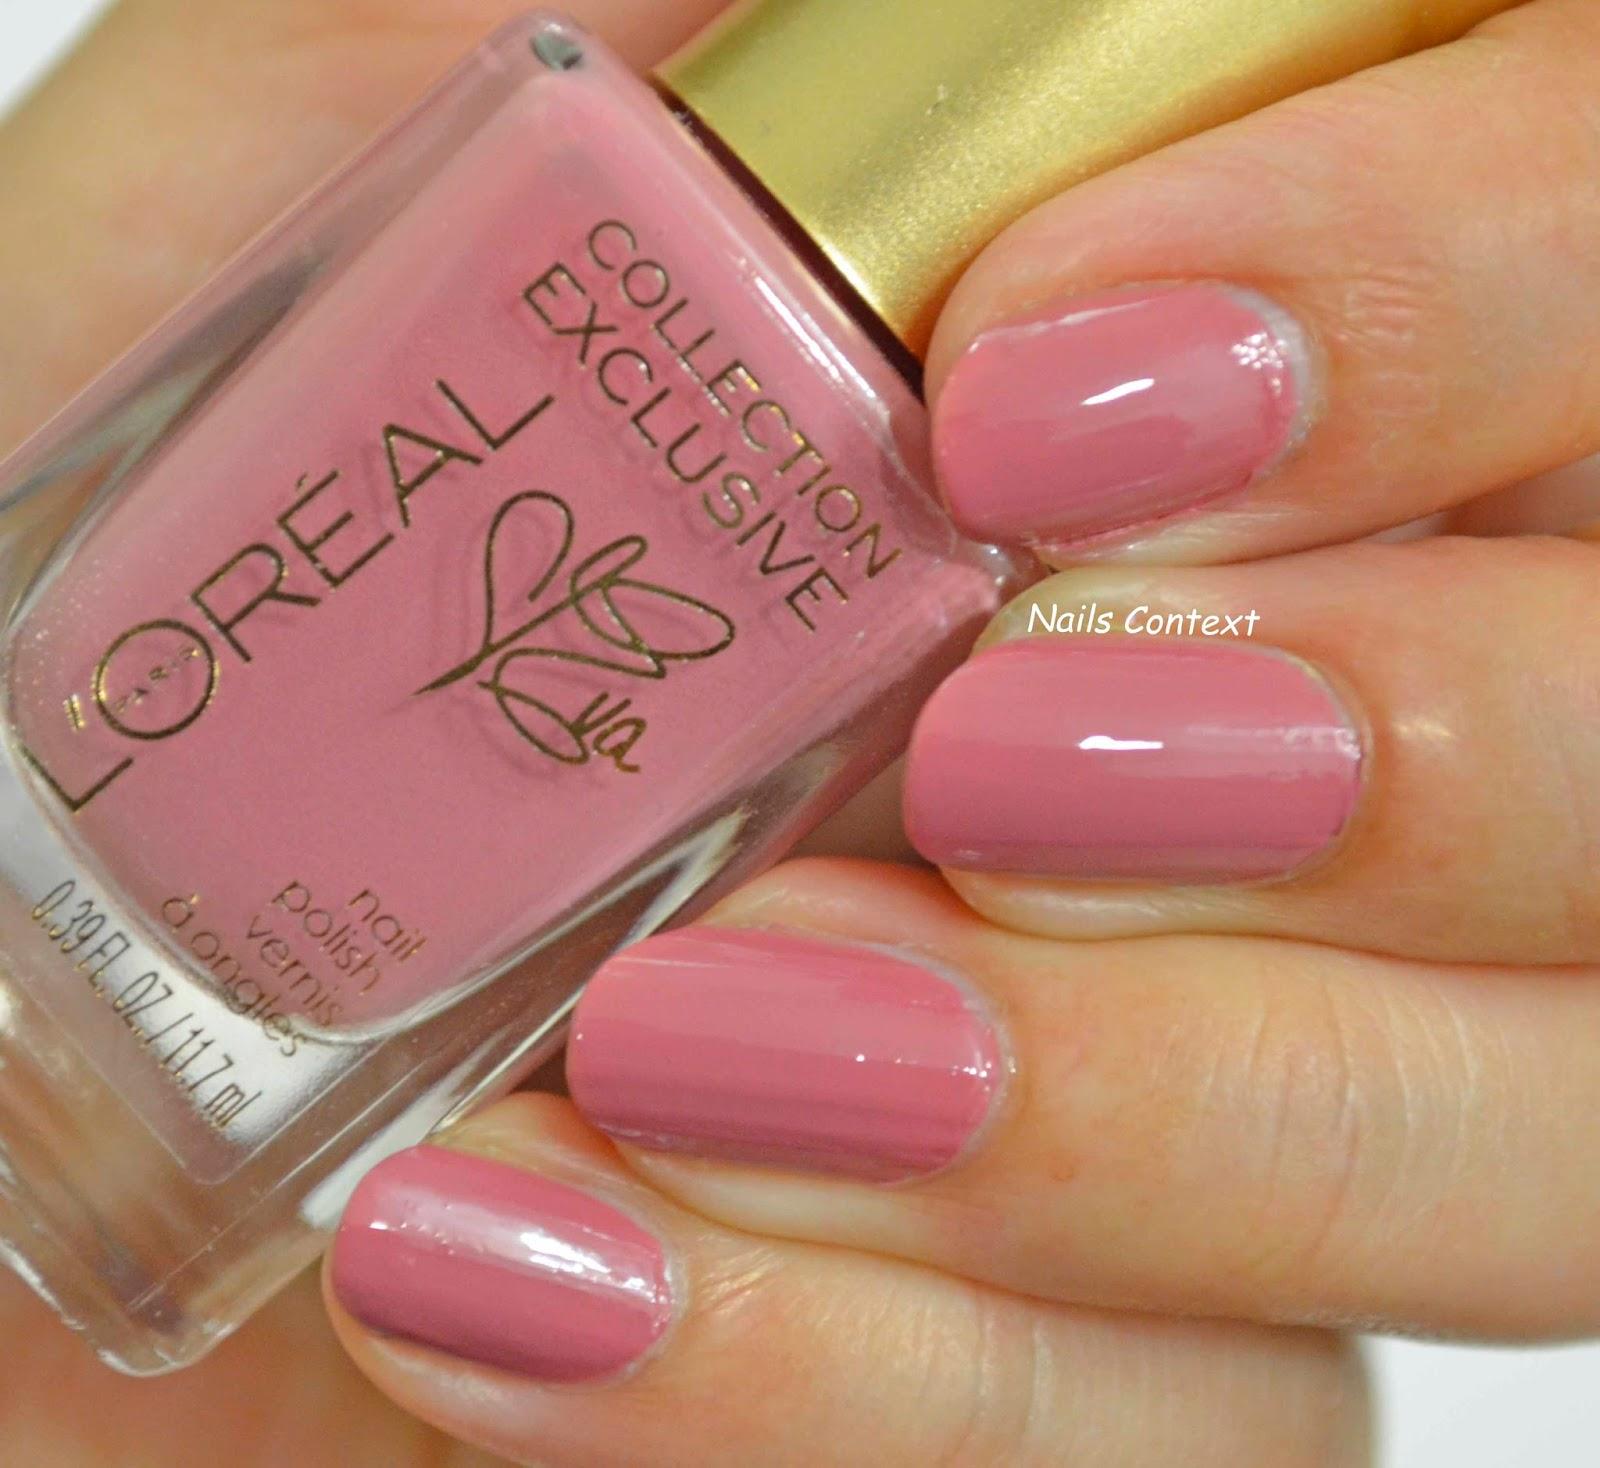 Nails Context: L\'oreal la vie en rose collection swatches